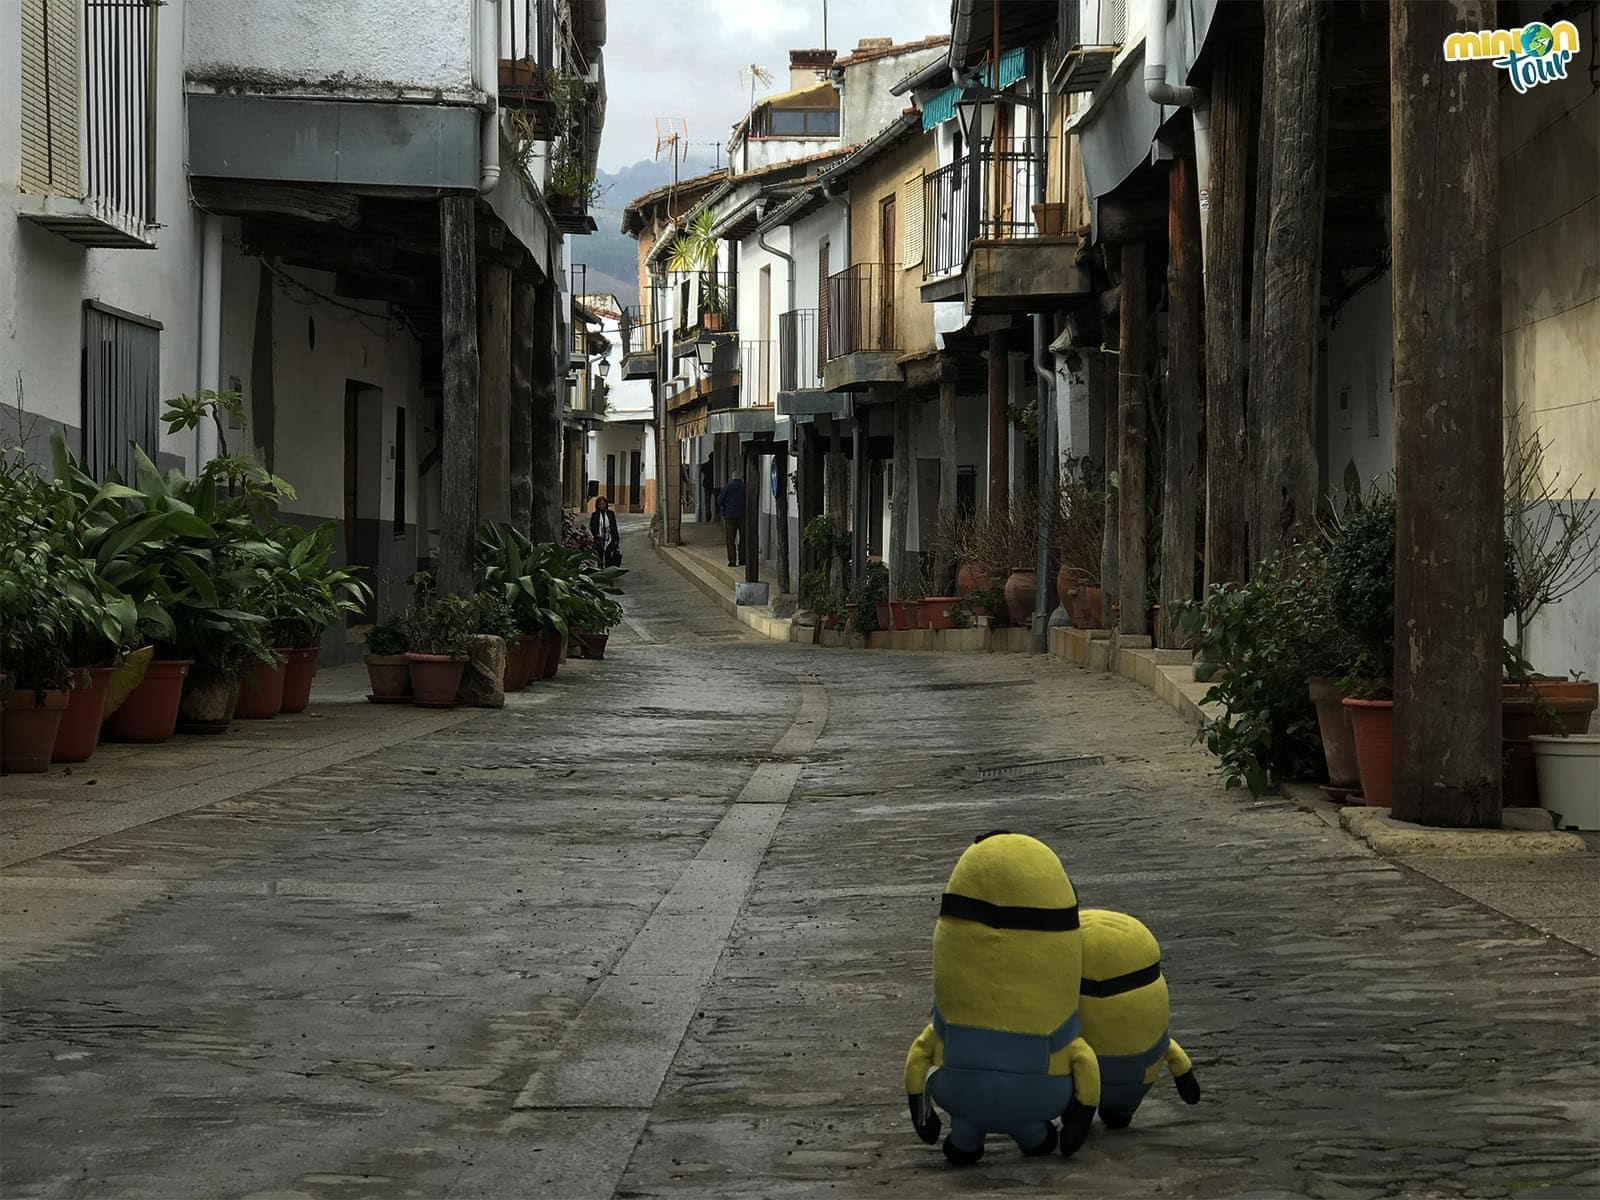 Calle de Ruperto Cordero